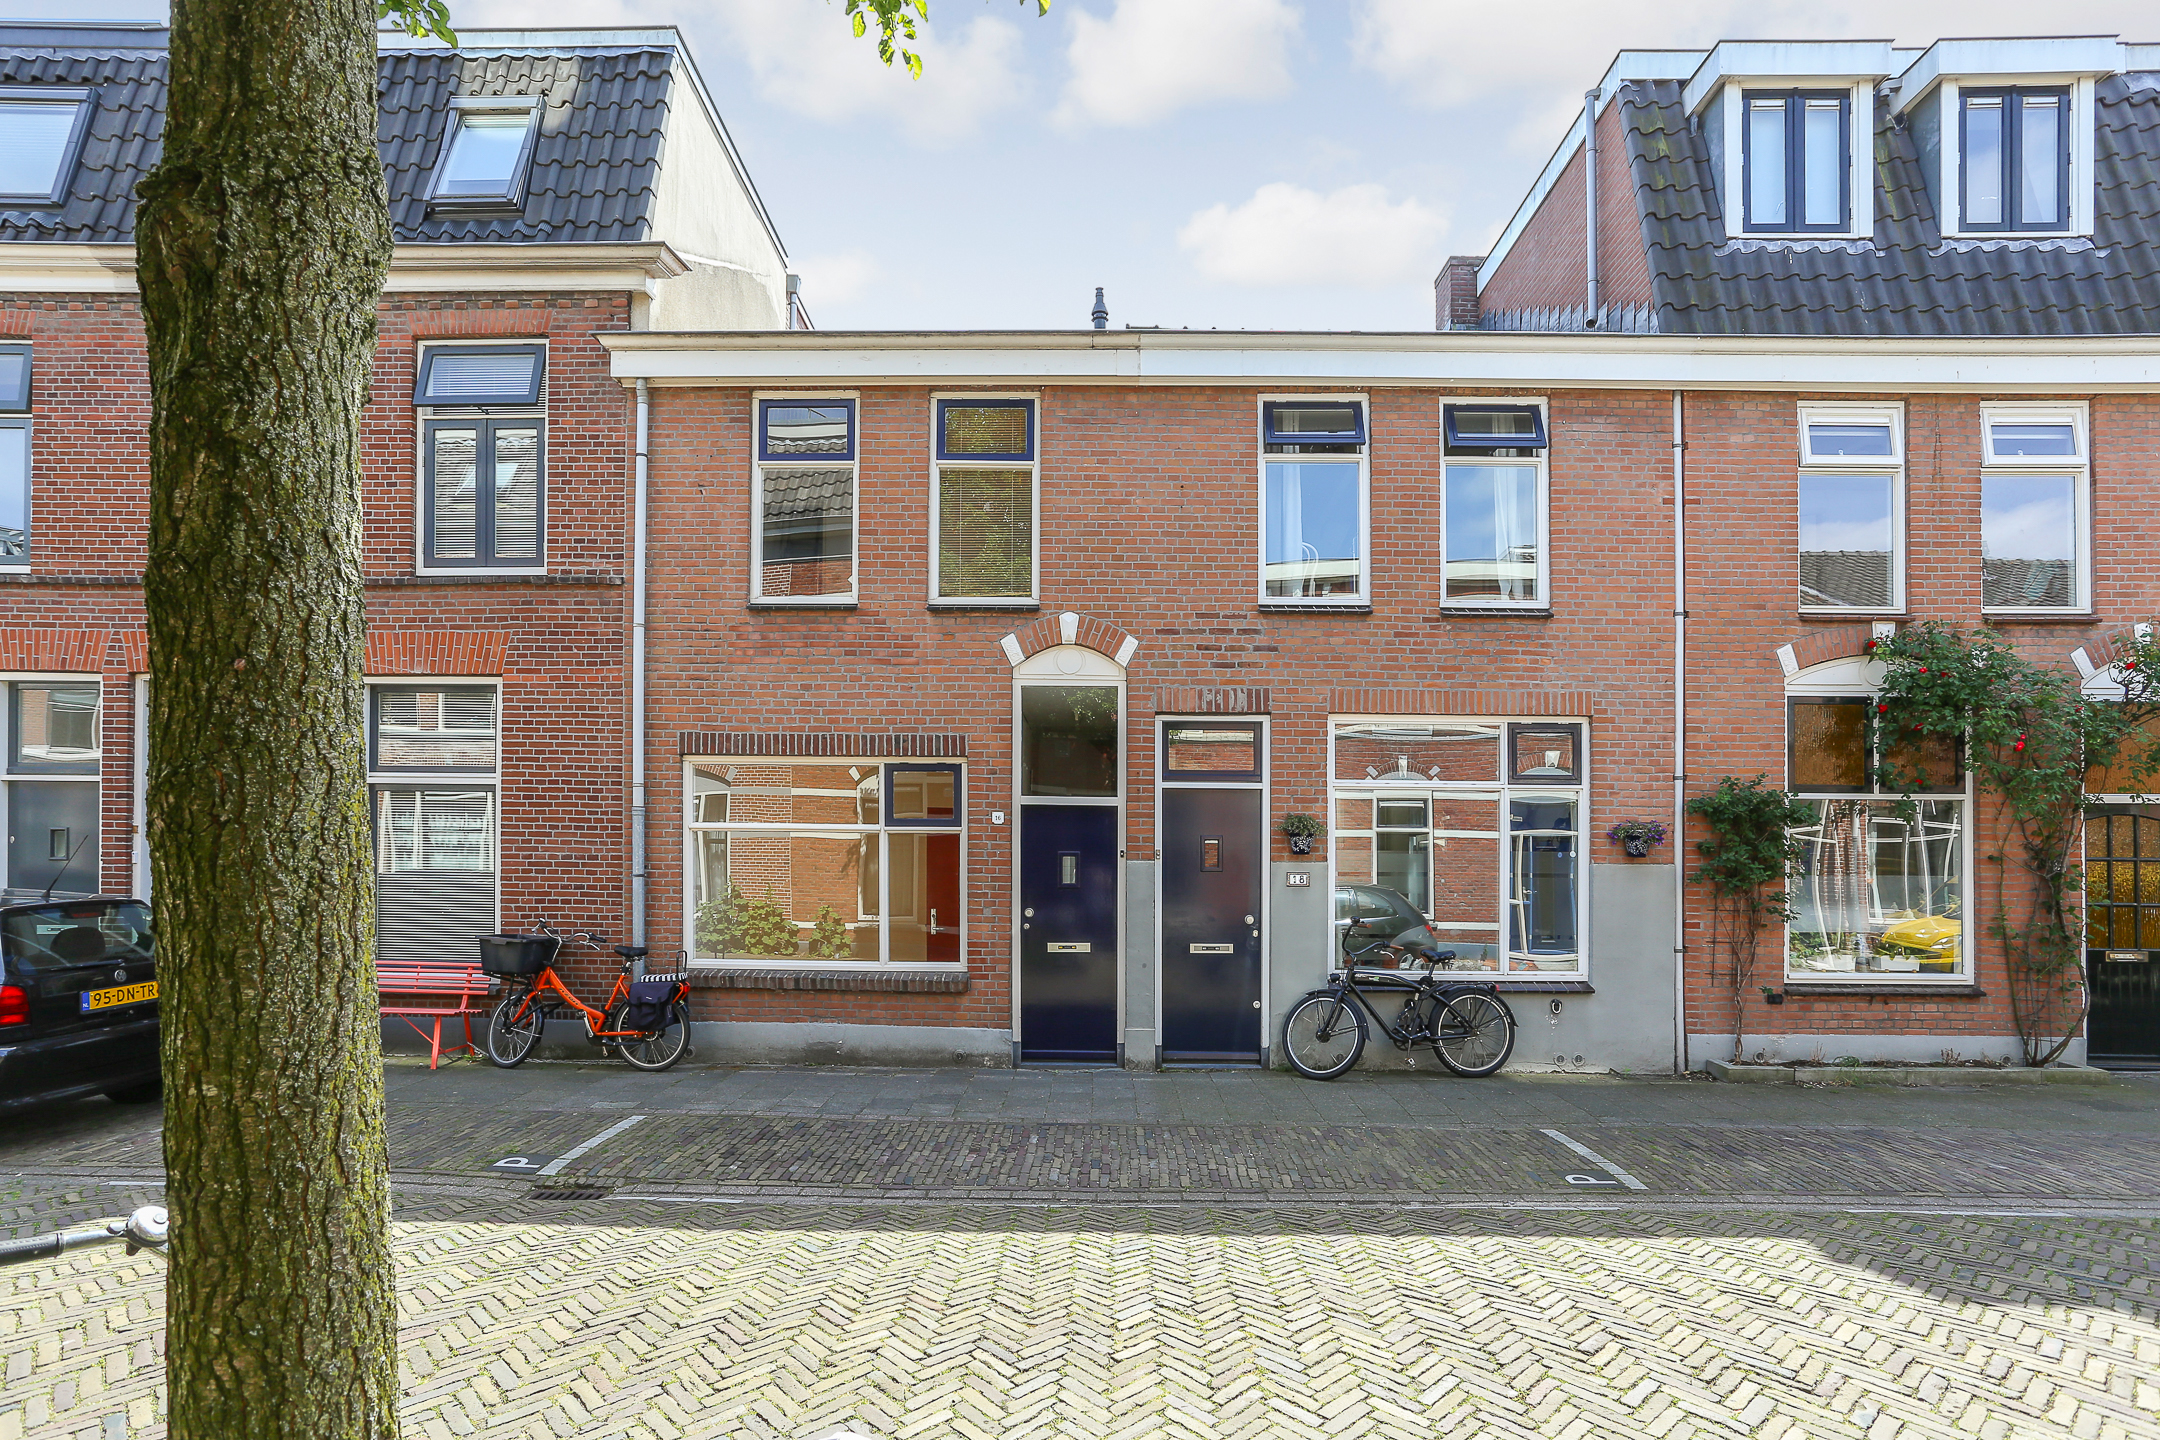 Van den Boschstraat 16, 3531 GL Utrecht